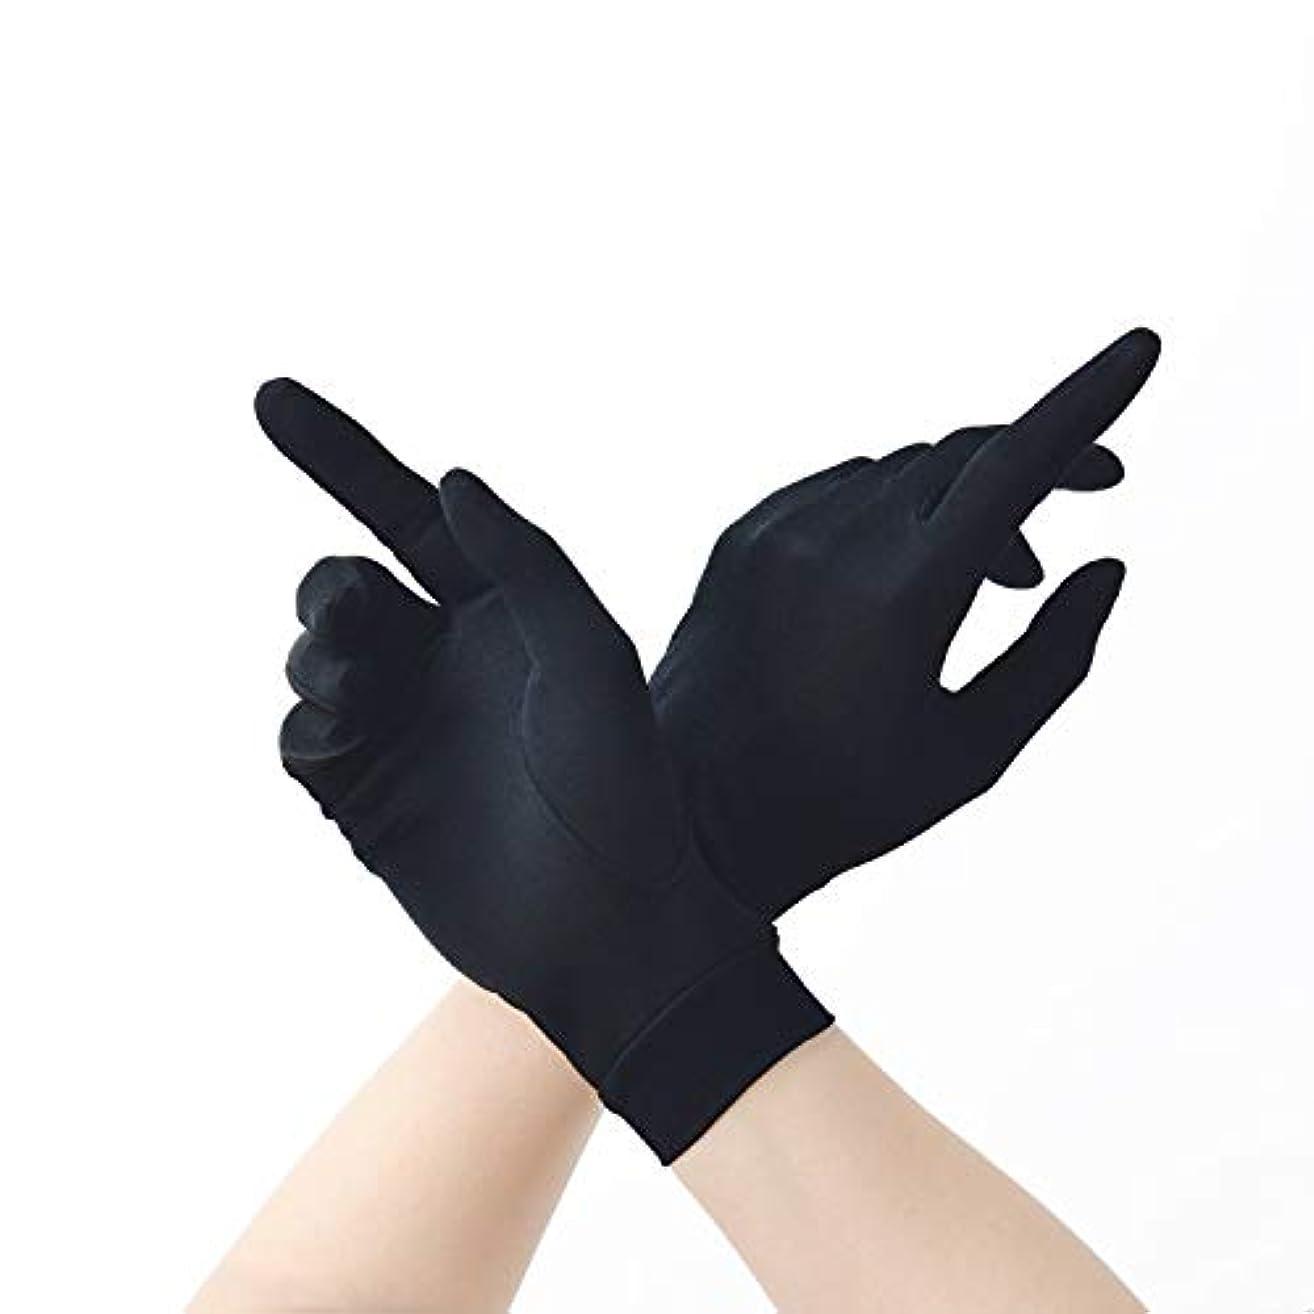 手を差し伸べる発行控える保湿 夏 ハンド 手袋 シルク 紫外線 日焼け防止 手荒い おやすみ 手触りが良い ケア レディース